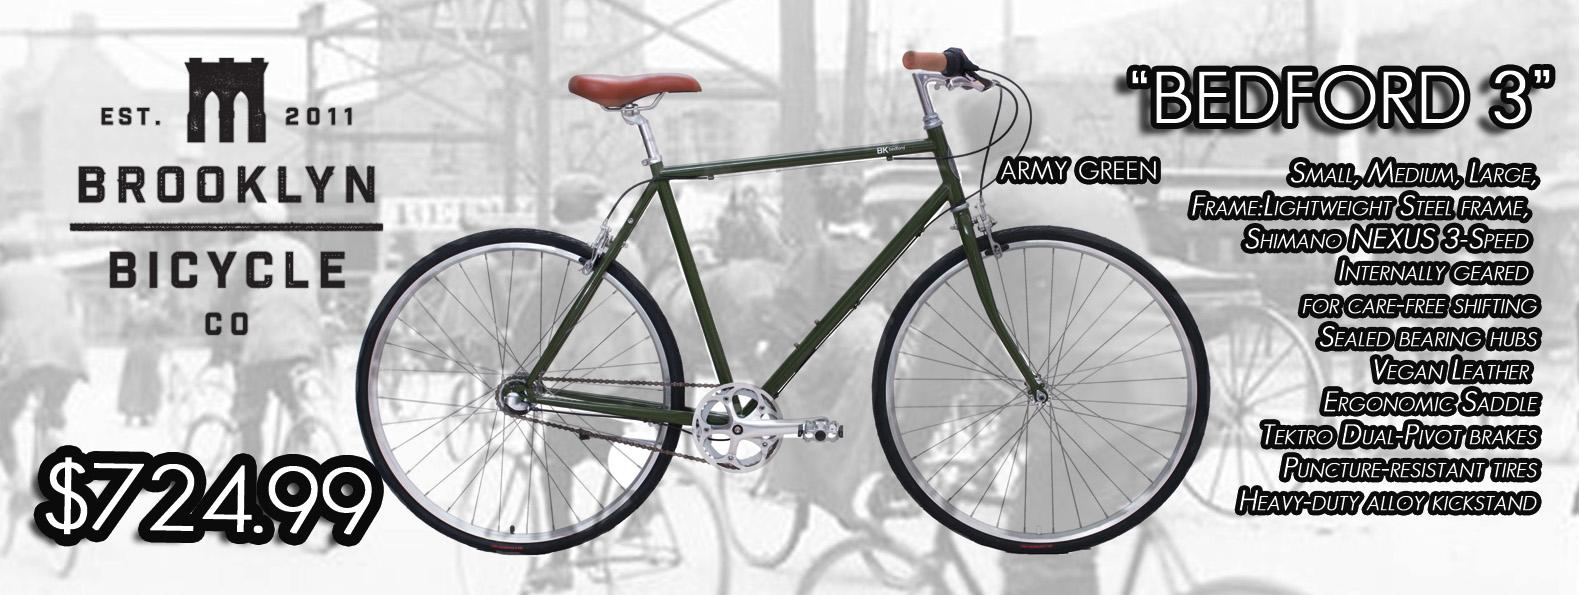 Bedford 3 Brooklyn bikes slideshow